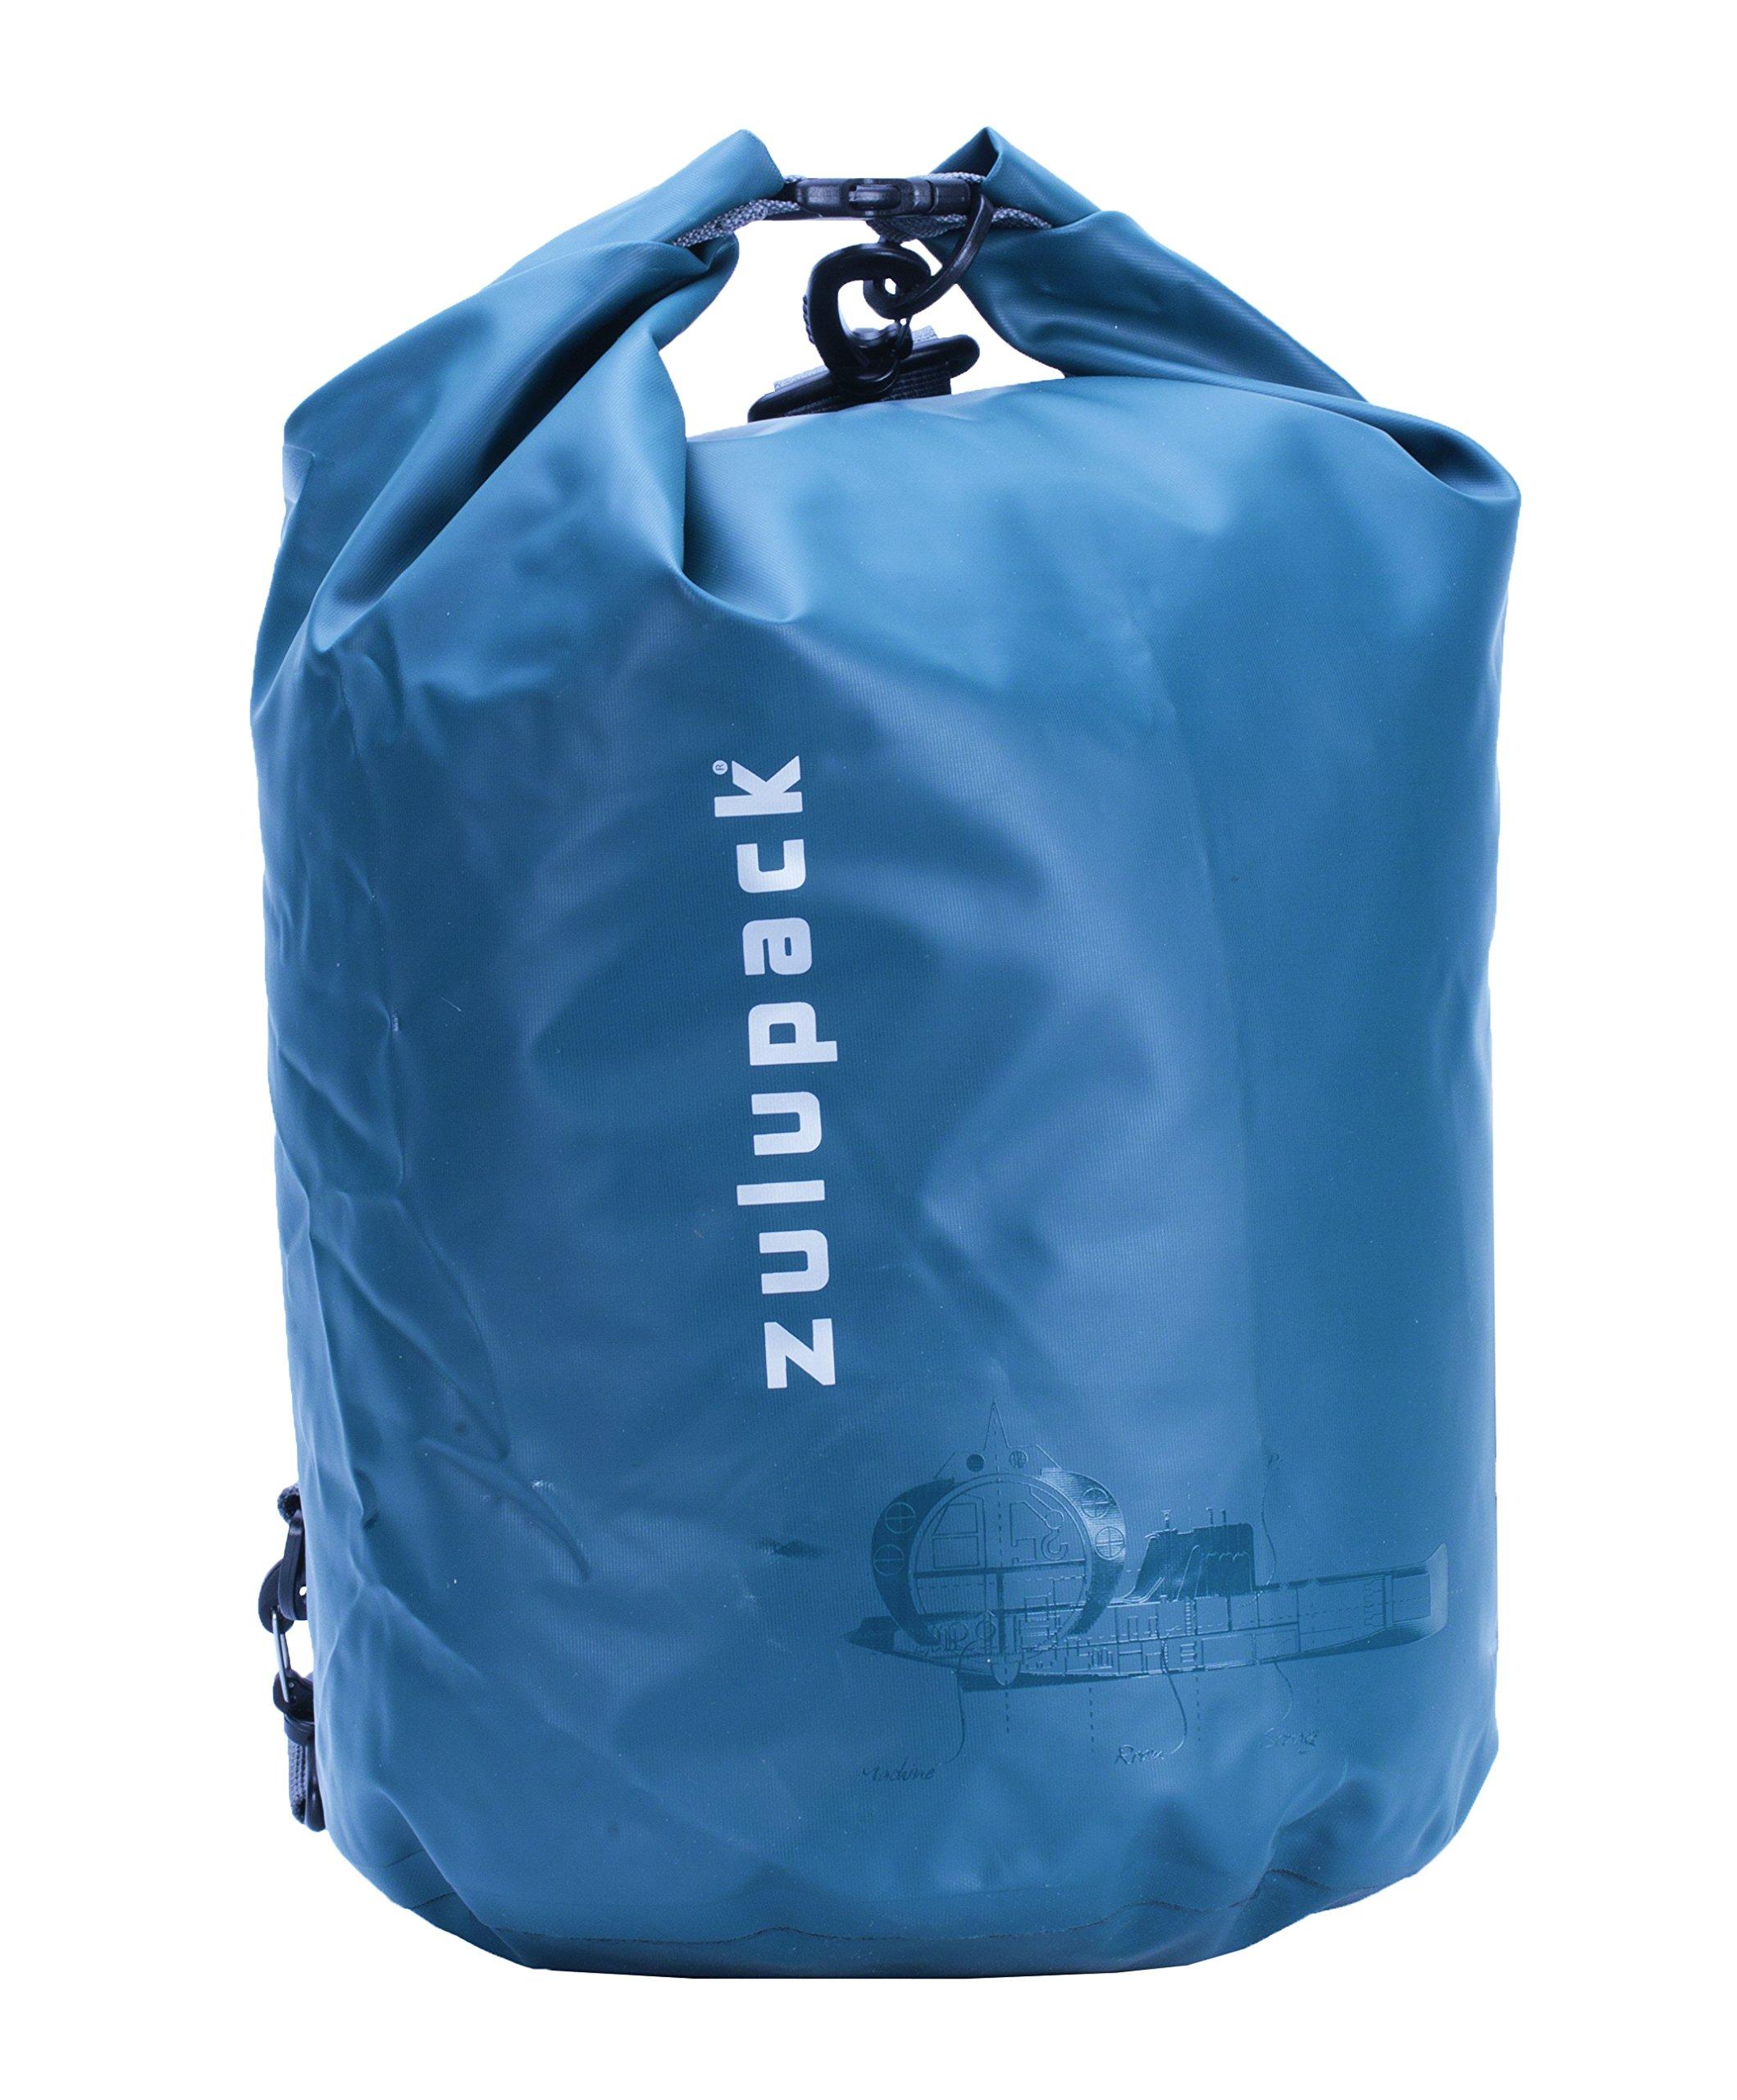 ZULUPACK - Sac étanche Tube Zulu - Bleu, 15 L